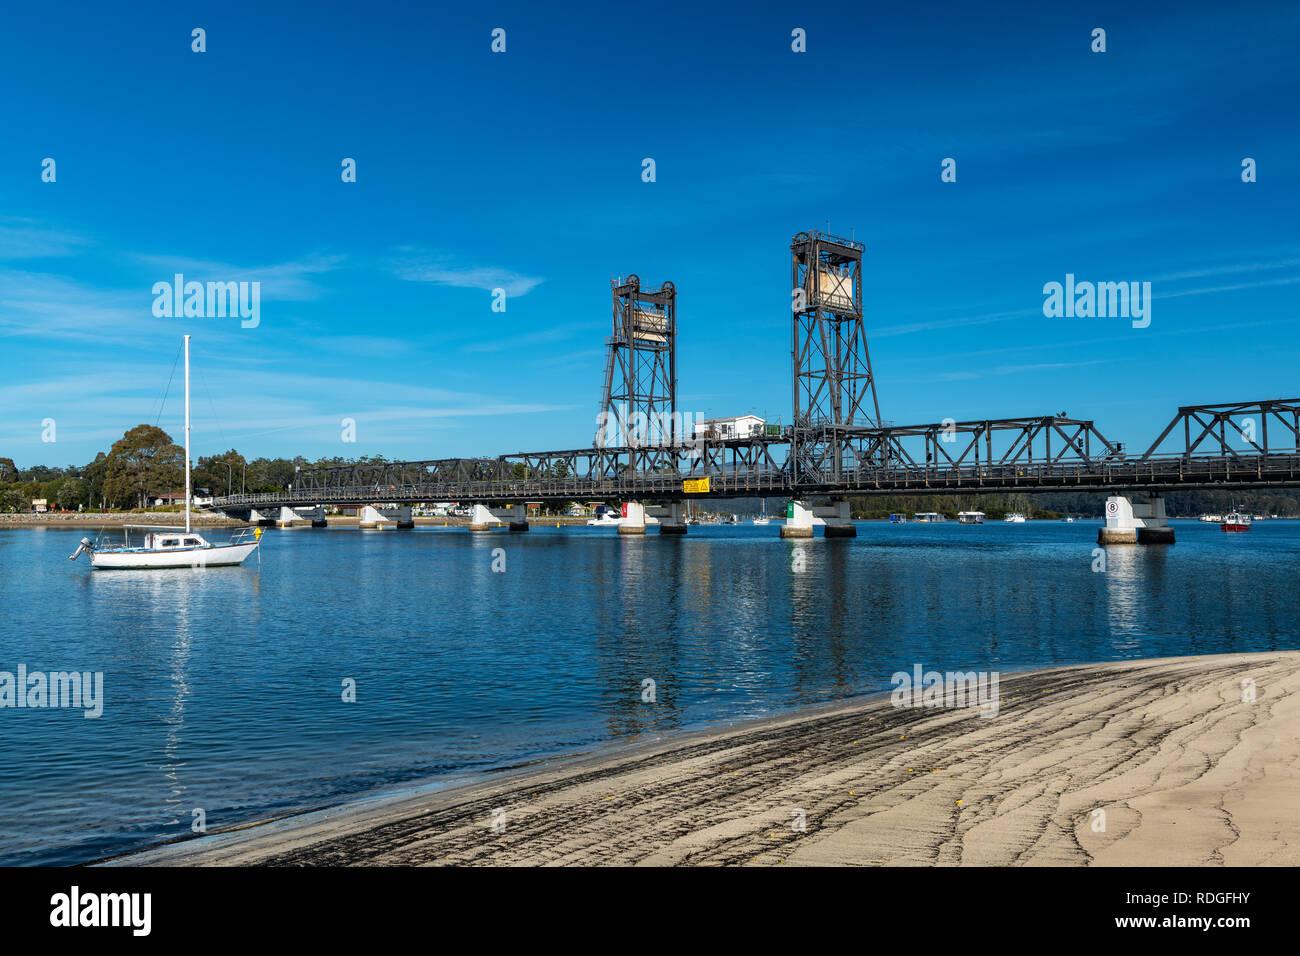 Le célèbre vieux pont traversant la rivière Clyde à Batemans Bay. Banque D'Images